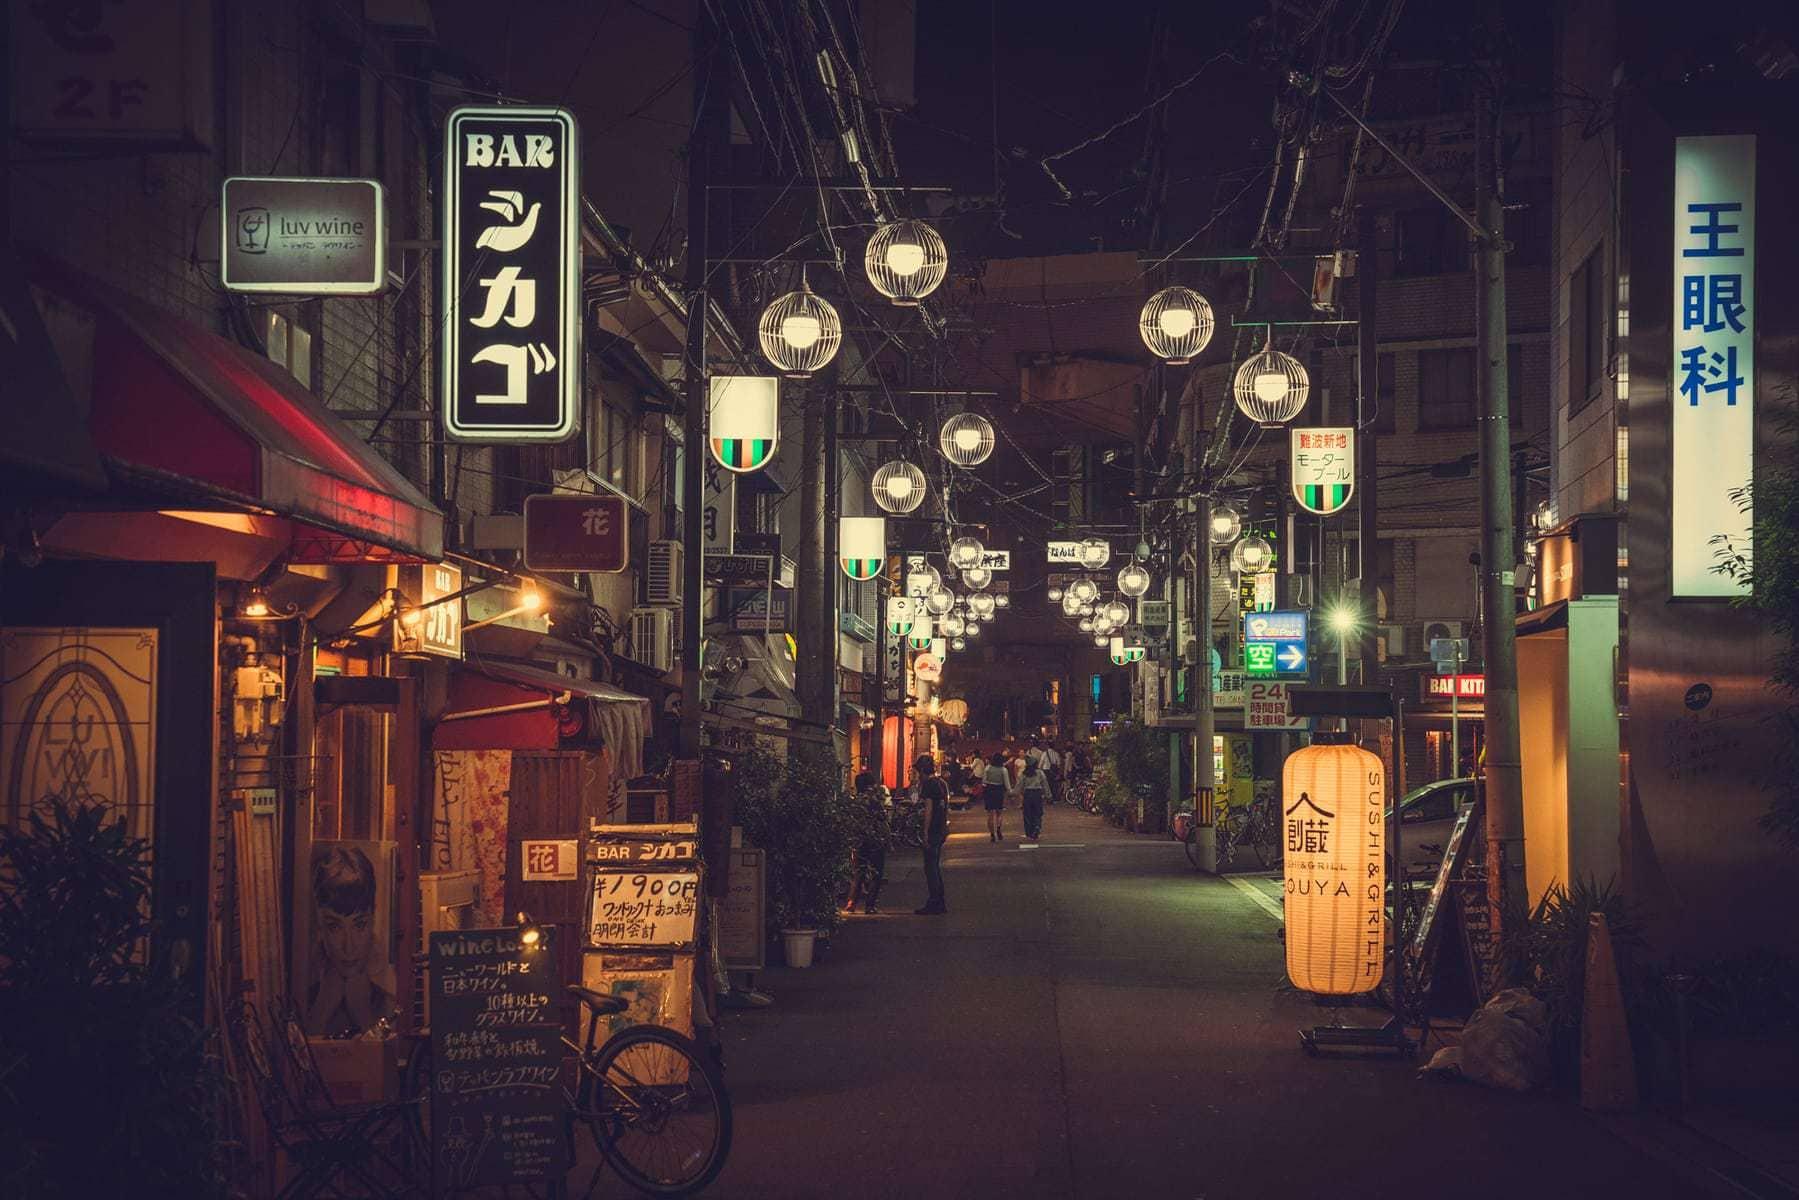 Osaka, Japan, 2017